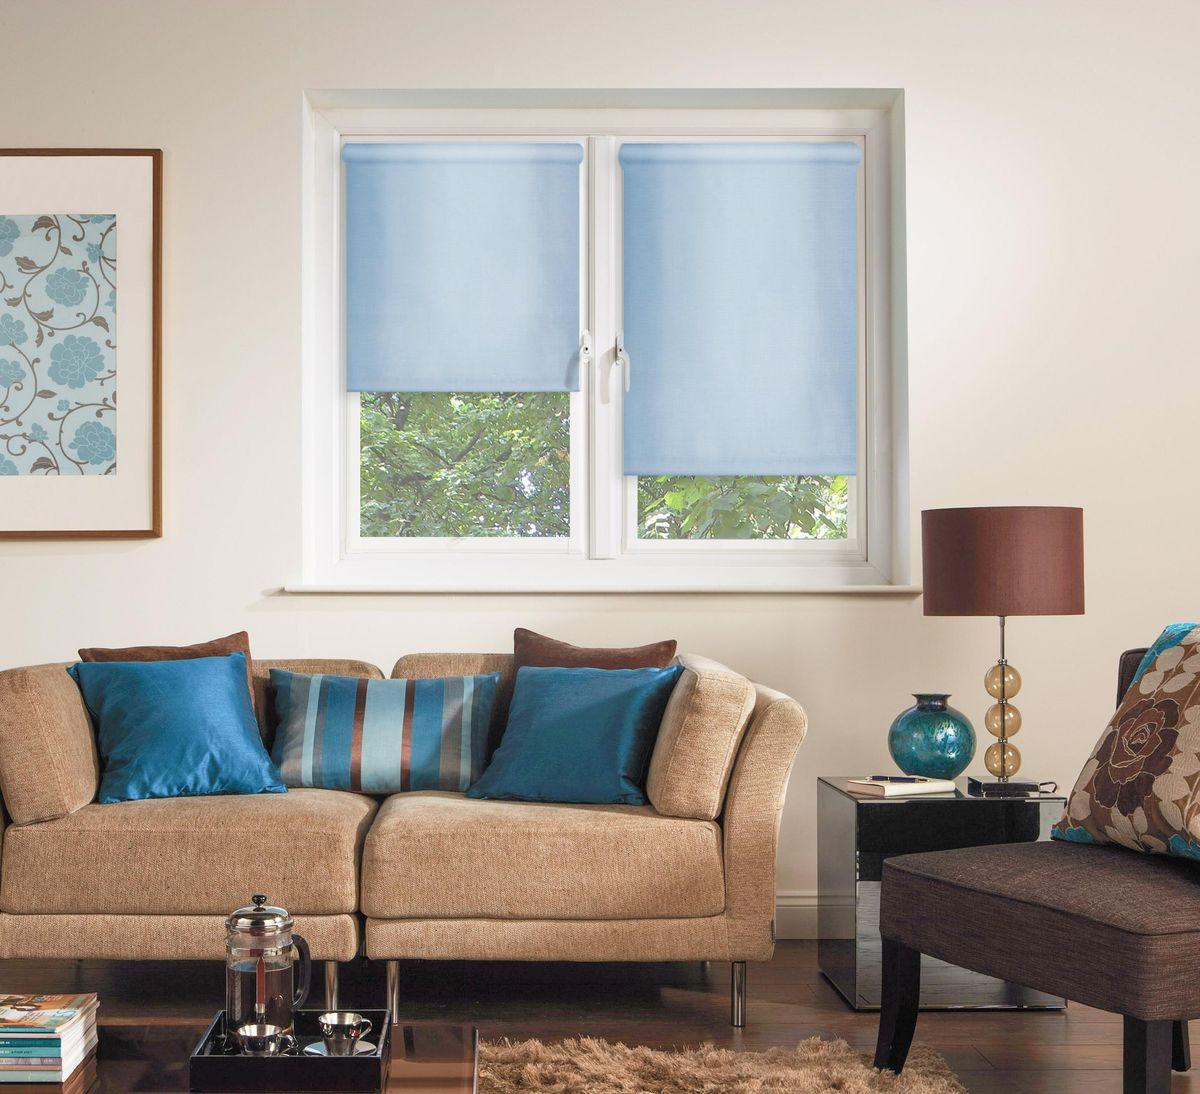 Штора рулонная Эскар, цвет: голубой, ширина 60 см, высота 170 см81005060170Рулонными шторами можно оформлять окна как самостоятельно, так и использовать в комбинации с портьерами. Это поможет предотвратить выгорание дорогой ткани на солнце и соединит функционал рулонных с красотой навесных. Преимущества применения рулонных штор для пластиковых окон: - имеют прекрасный внешний вид: многообразие и фактурность материала изделия отлично смотрятся в любом интерьере; - многофункциональны: есть возможность подобрать шторы способные эффективно защитить комнату от солнца, при этом о на не будет слишком темной. - Есть возможность осуществить быстрый монтаж. ВНИМАНИЕ! Размеры ширины изделия указаны по ширине ткани! Во время эксплуатации не рекомендуется полностью разматывать рулон, чтобы не оторвать ткань от намоточного вала. В случае загрязнения поверхности ткани, чистку шторы проводят одним из способов, в зависимости от типа загрязнения: легкое поверхностное загрязнение можно удалить при помощи...